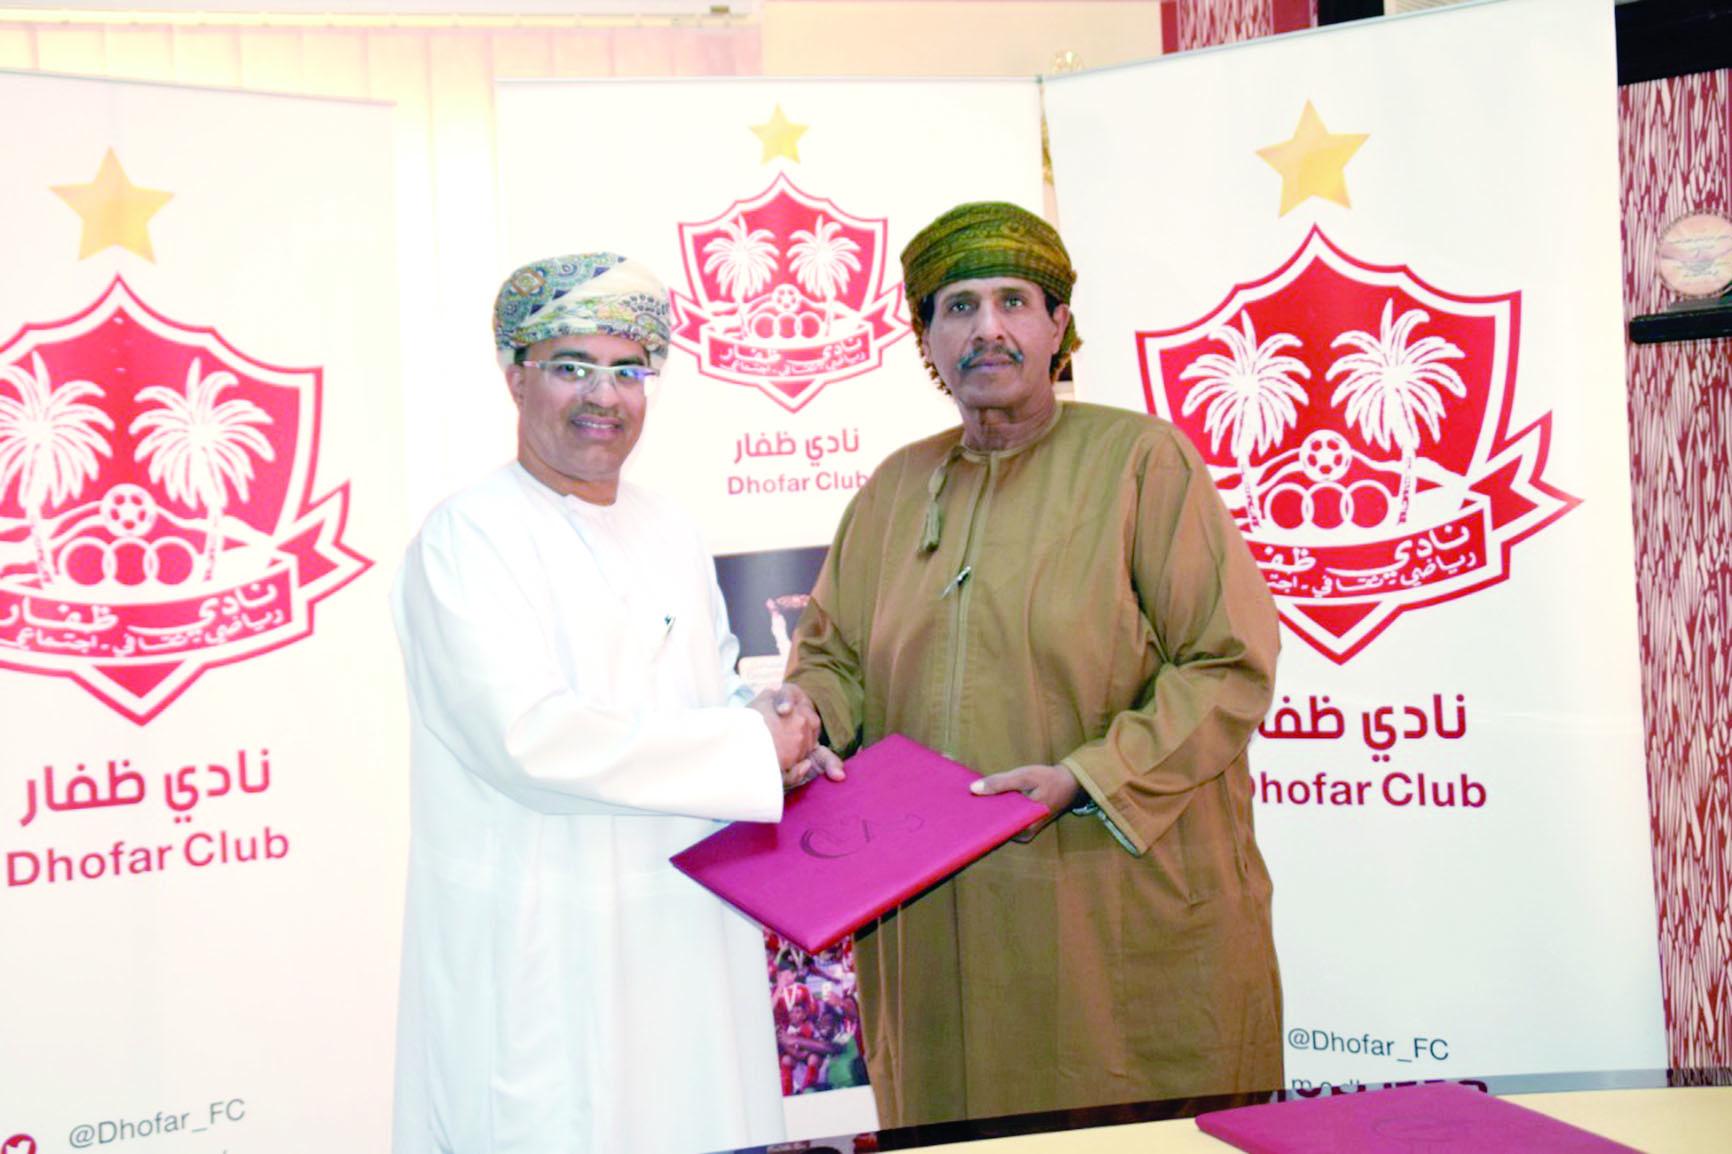 لجنة «كرة الطاولة» توقع اتفاقية   مع نادي ظفار لافتتاح مركز للواعدين